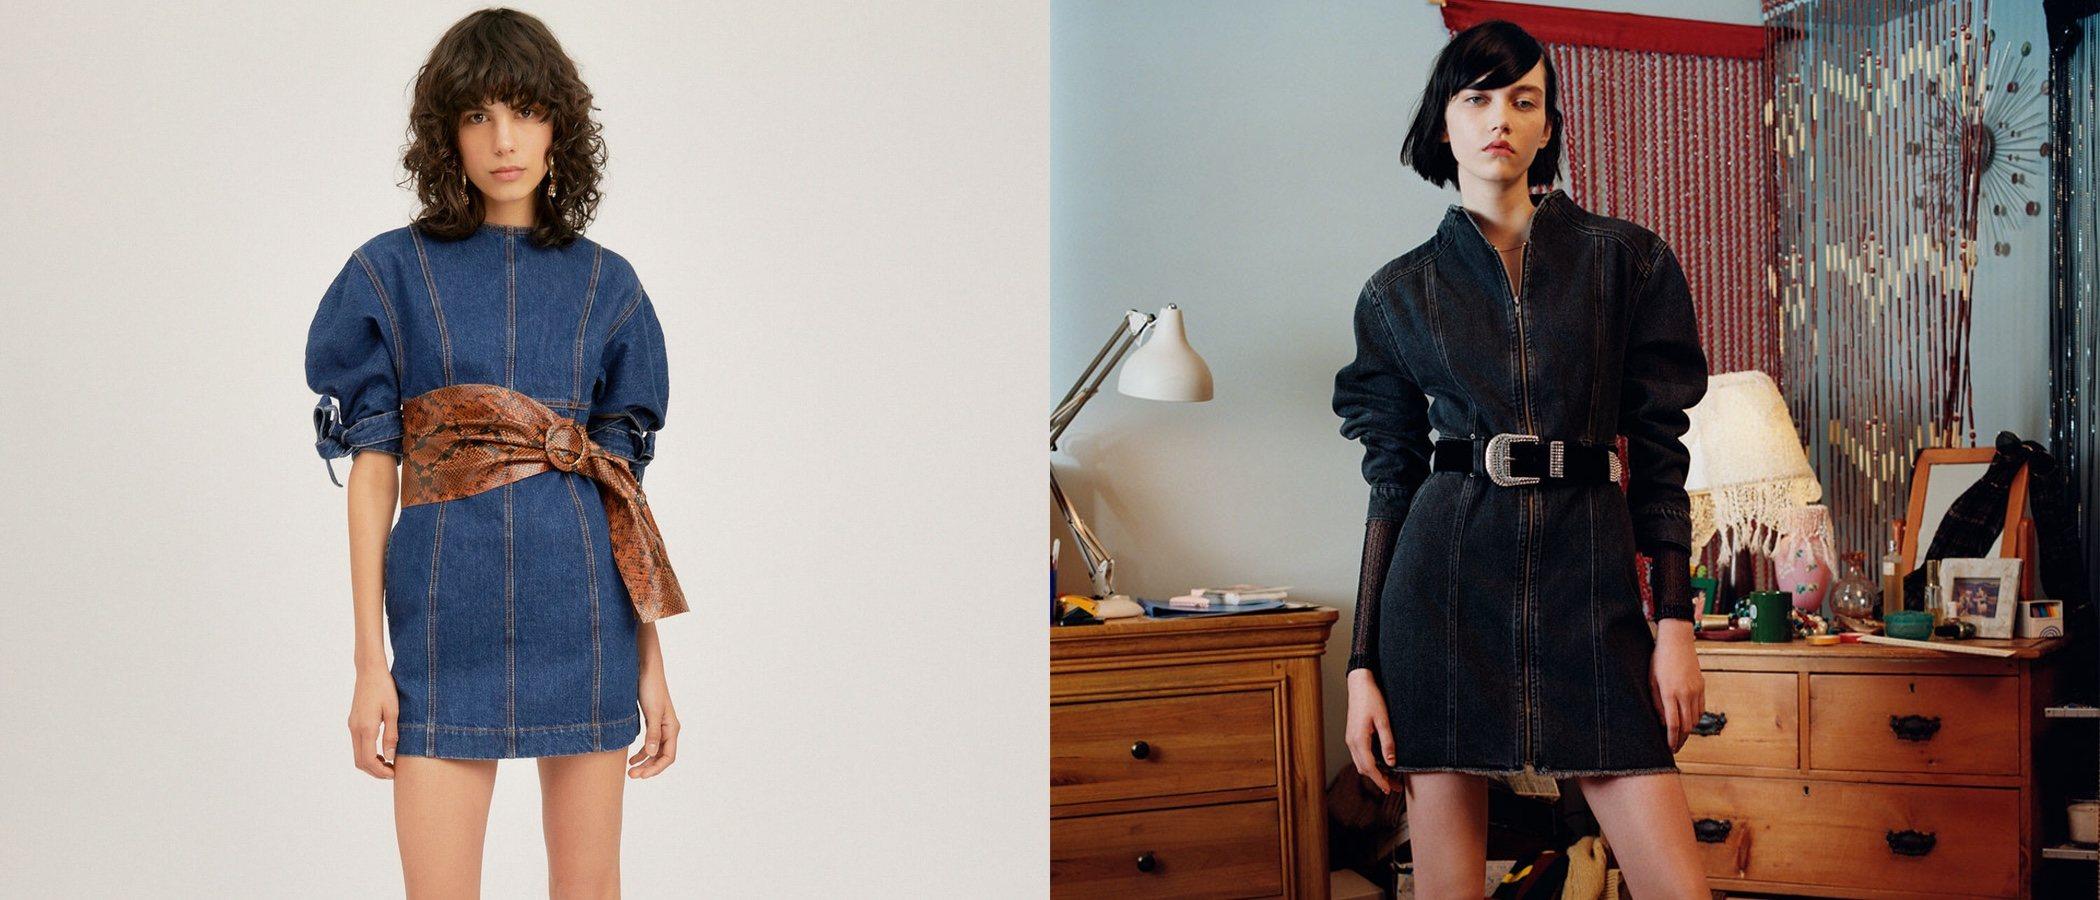 Otoño/invierno 2019/2020: los productos del 'low cost' inspirados en las tendencias del lujo